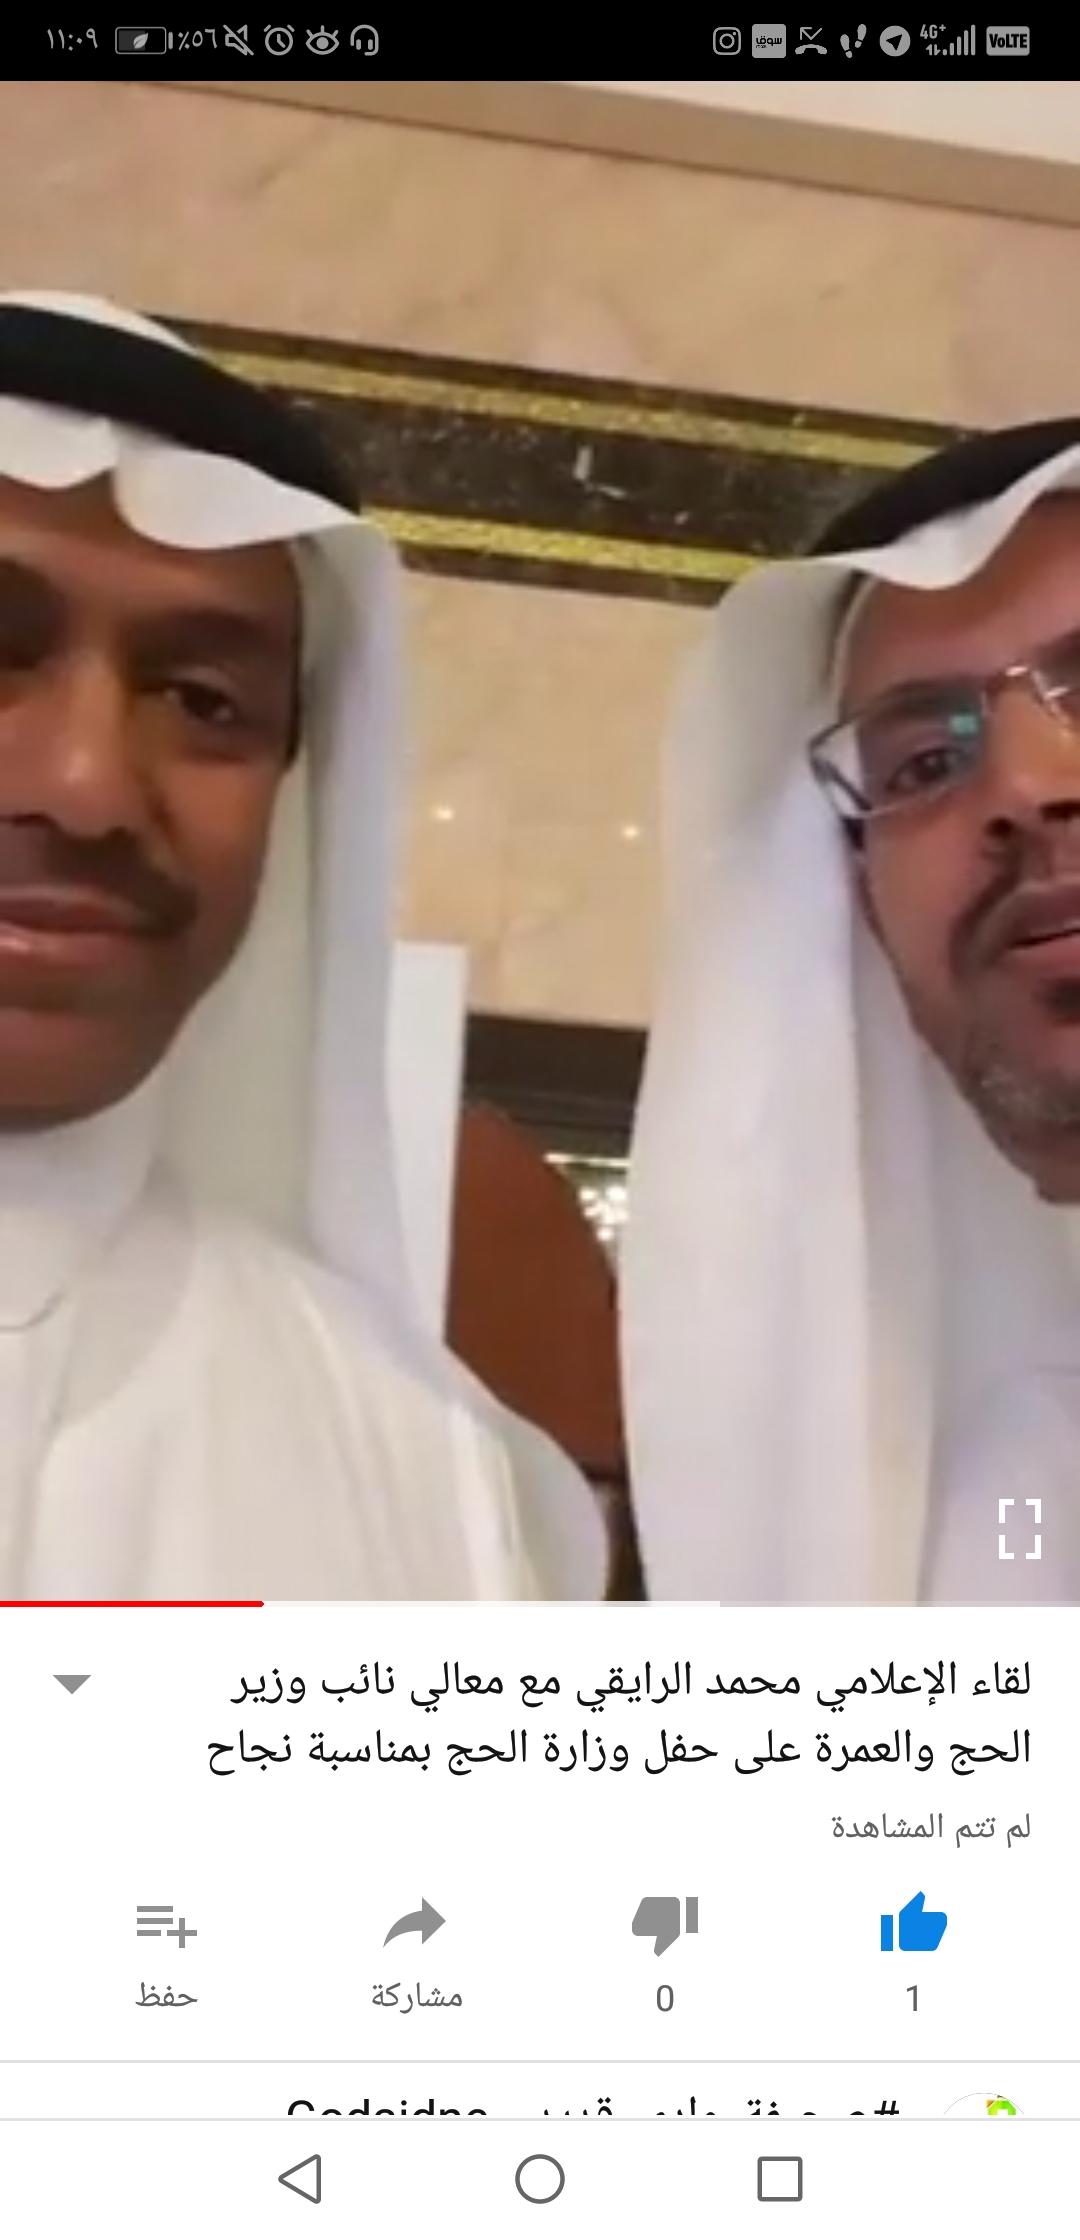 فيديو | لقاء الإعلامي محمد الرايقي مع معالي نائب وزير الحج والعمرة في حفل وزارة الحج والعمرة